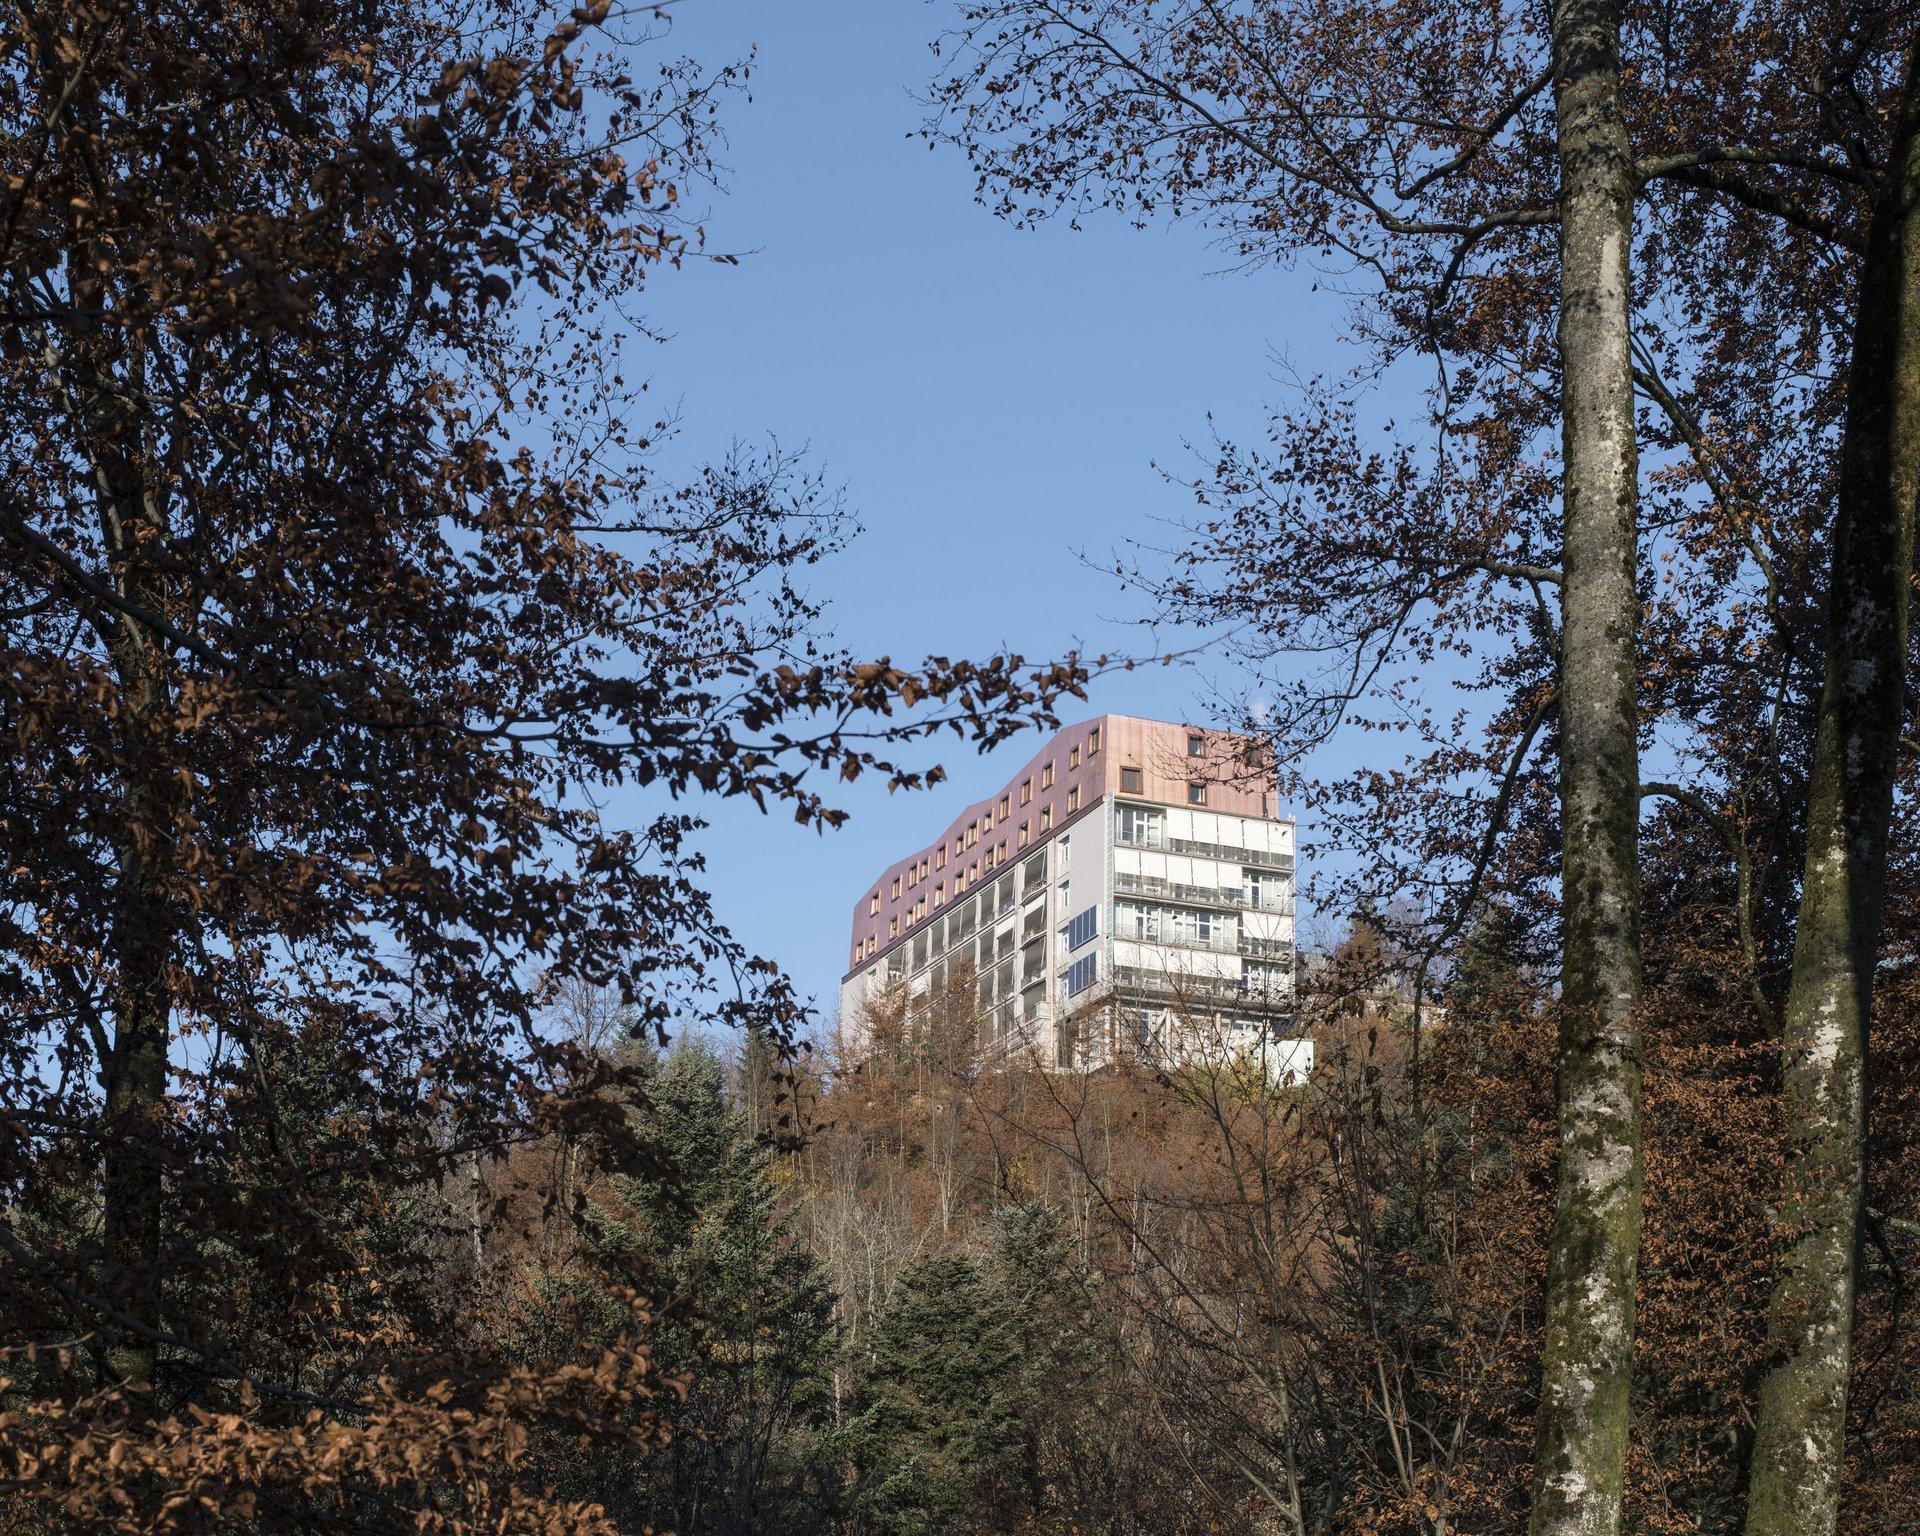 Seitenansicht von aufgestocktem Gebäude über mehrere Stockwerke